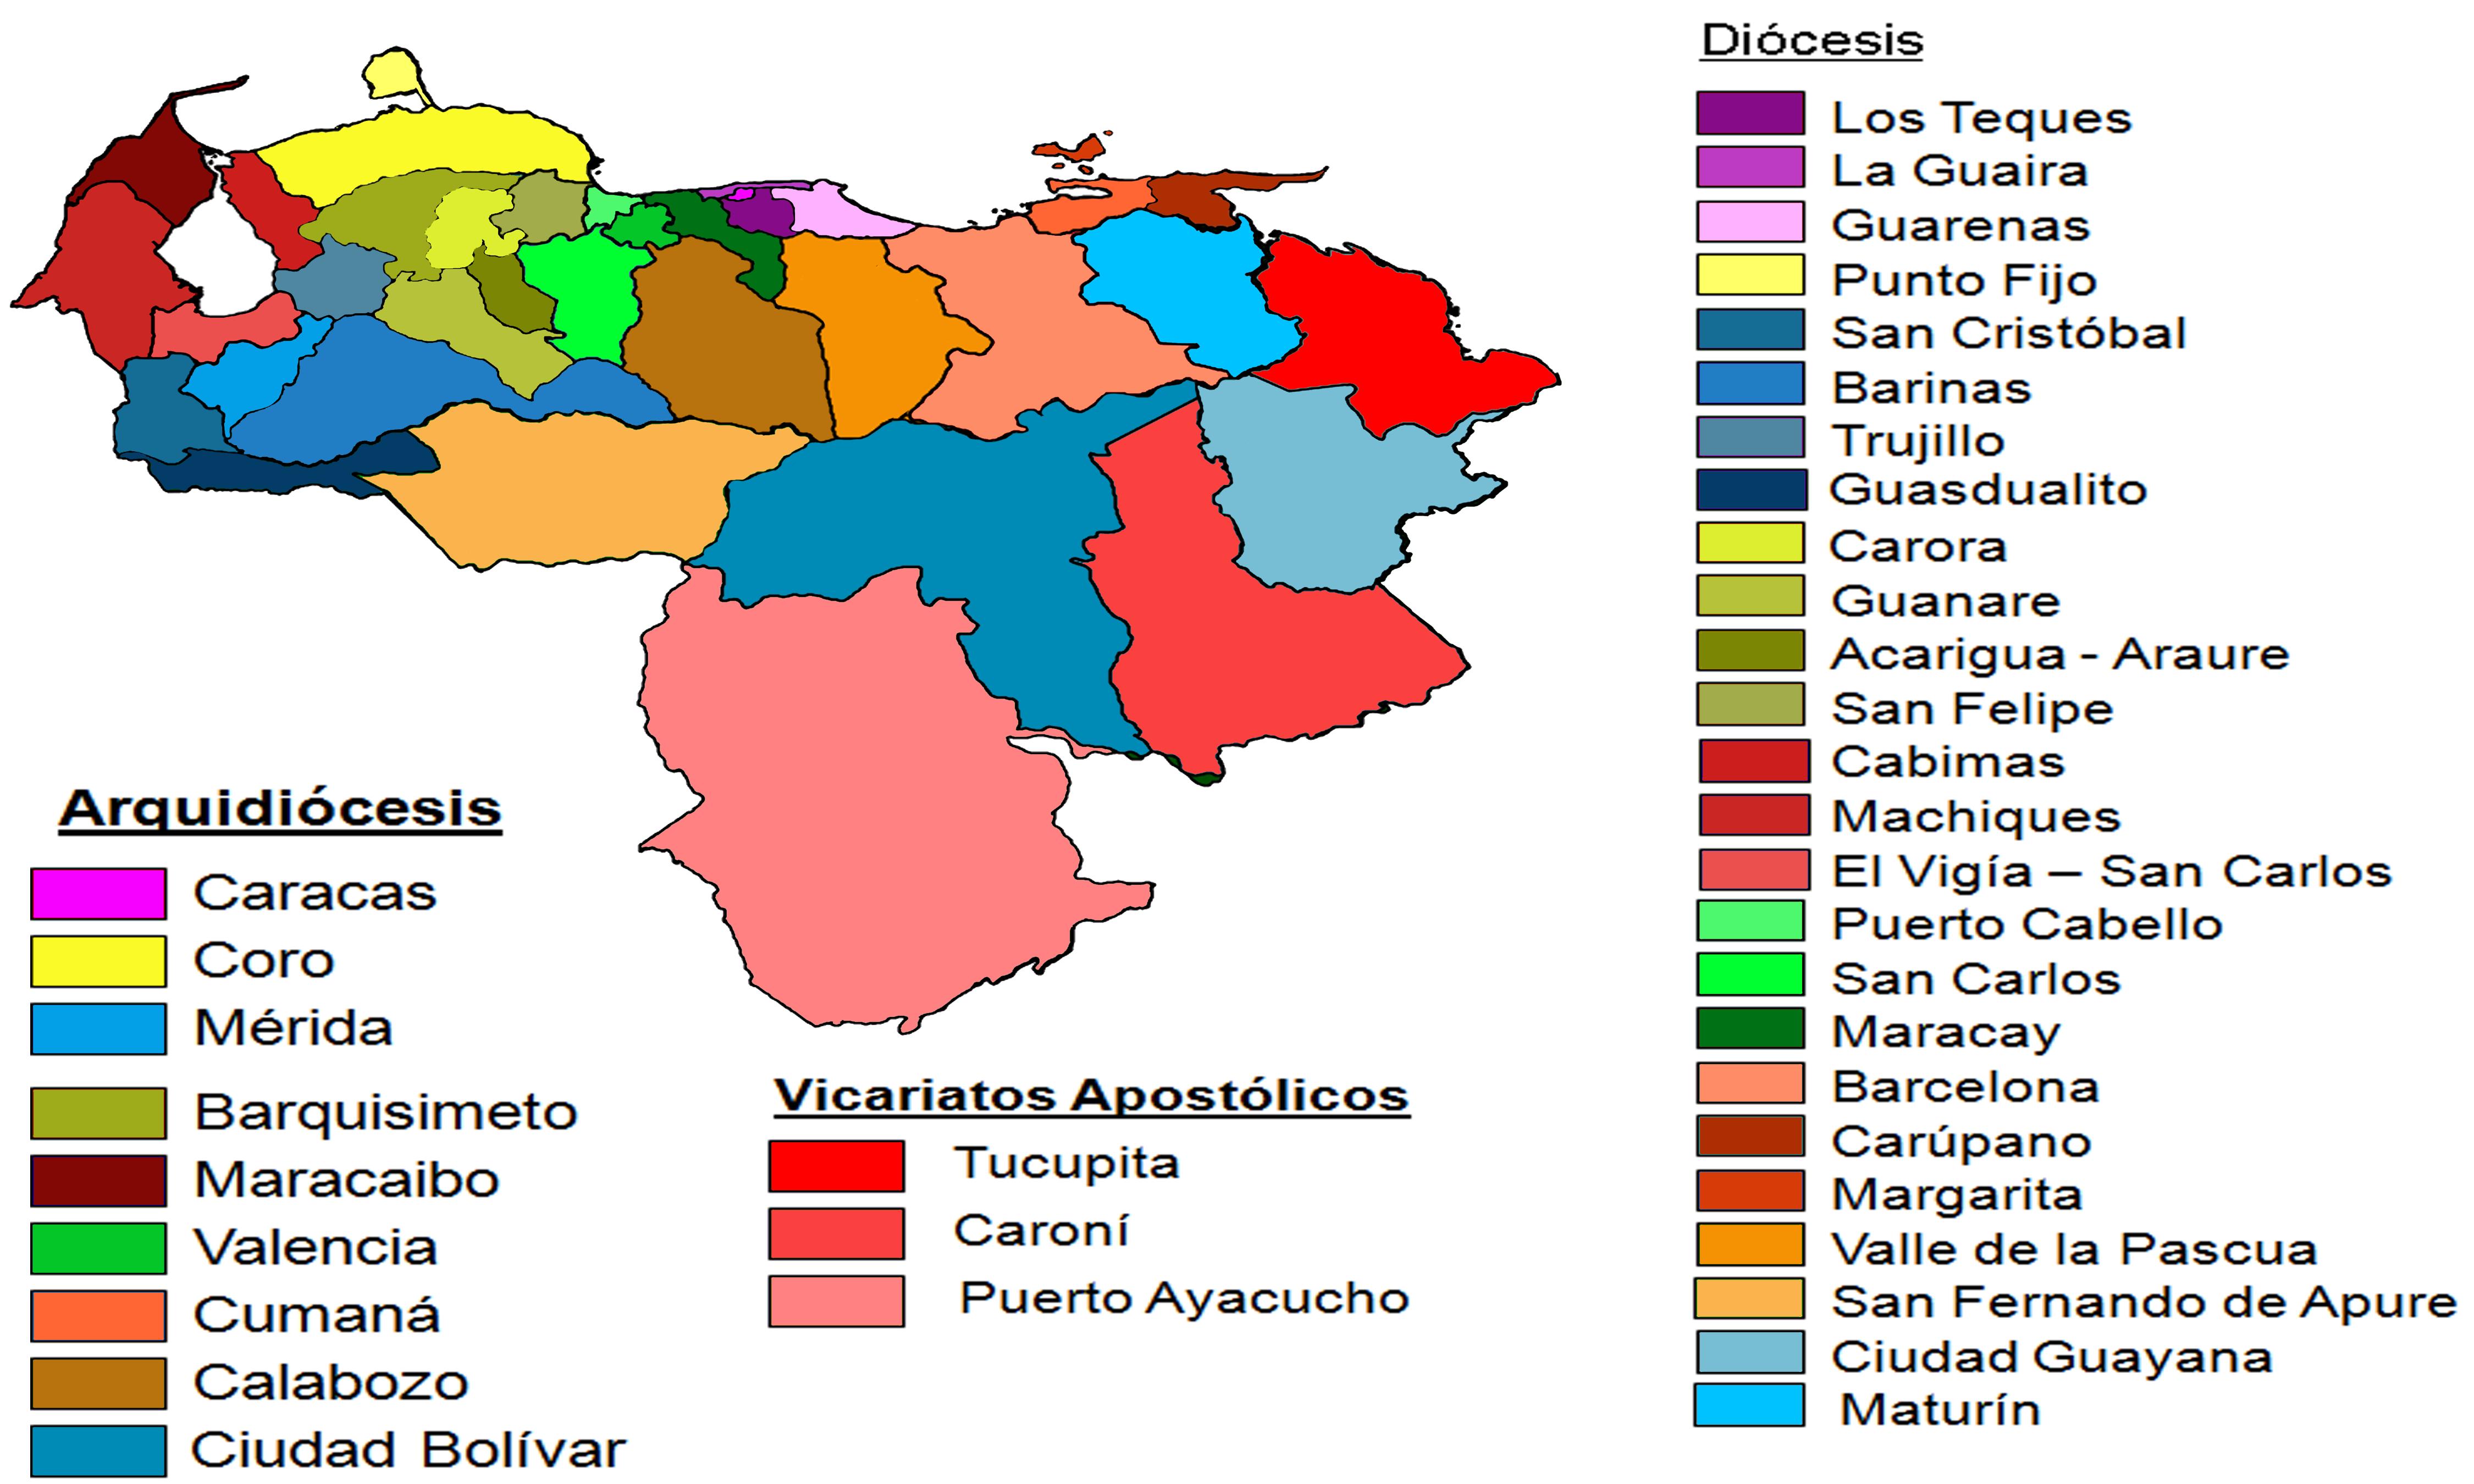 File:Mapa de Arquidiócesis y Diócesis de Venezuela.png.